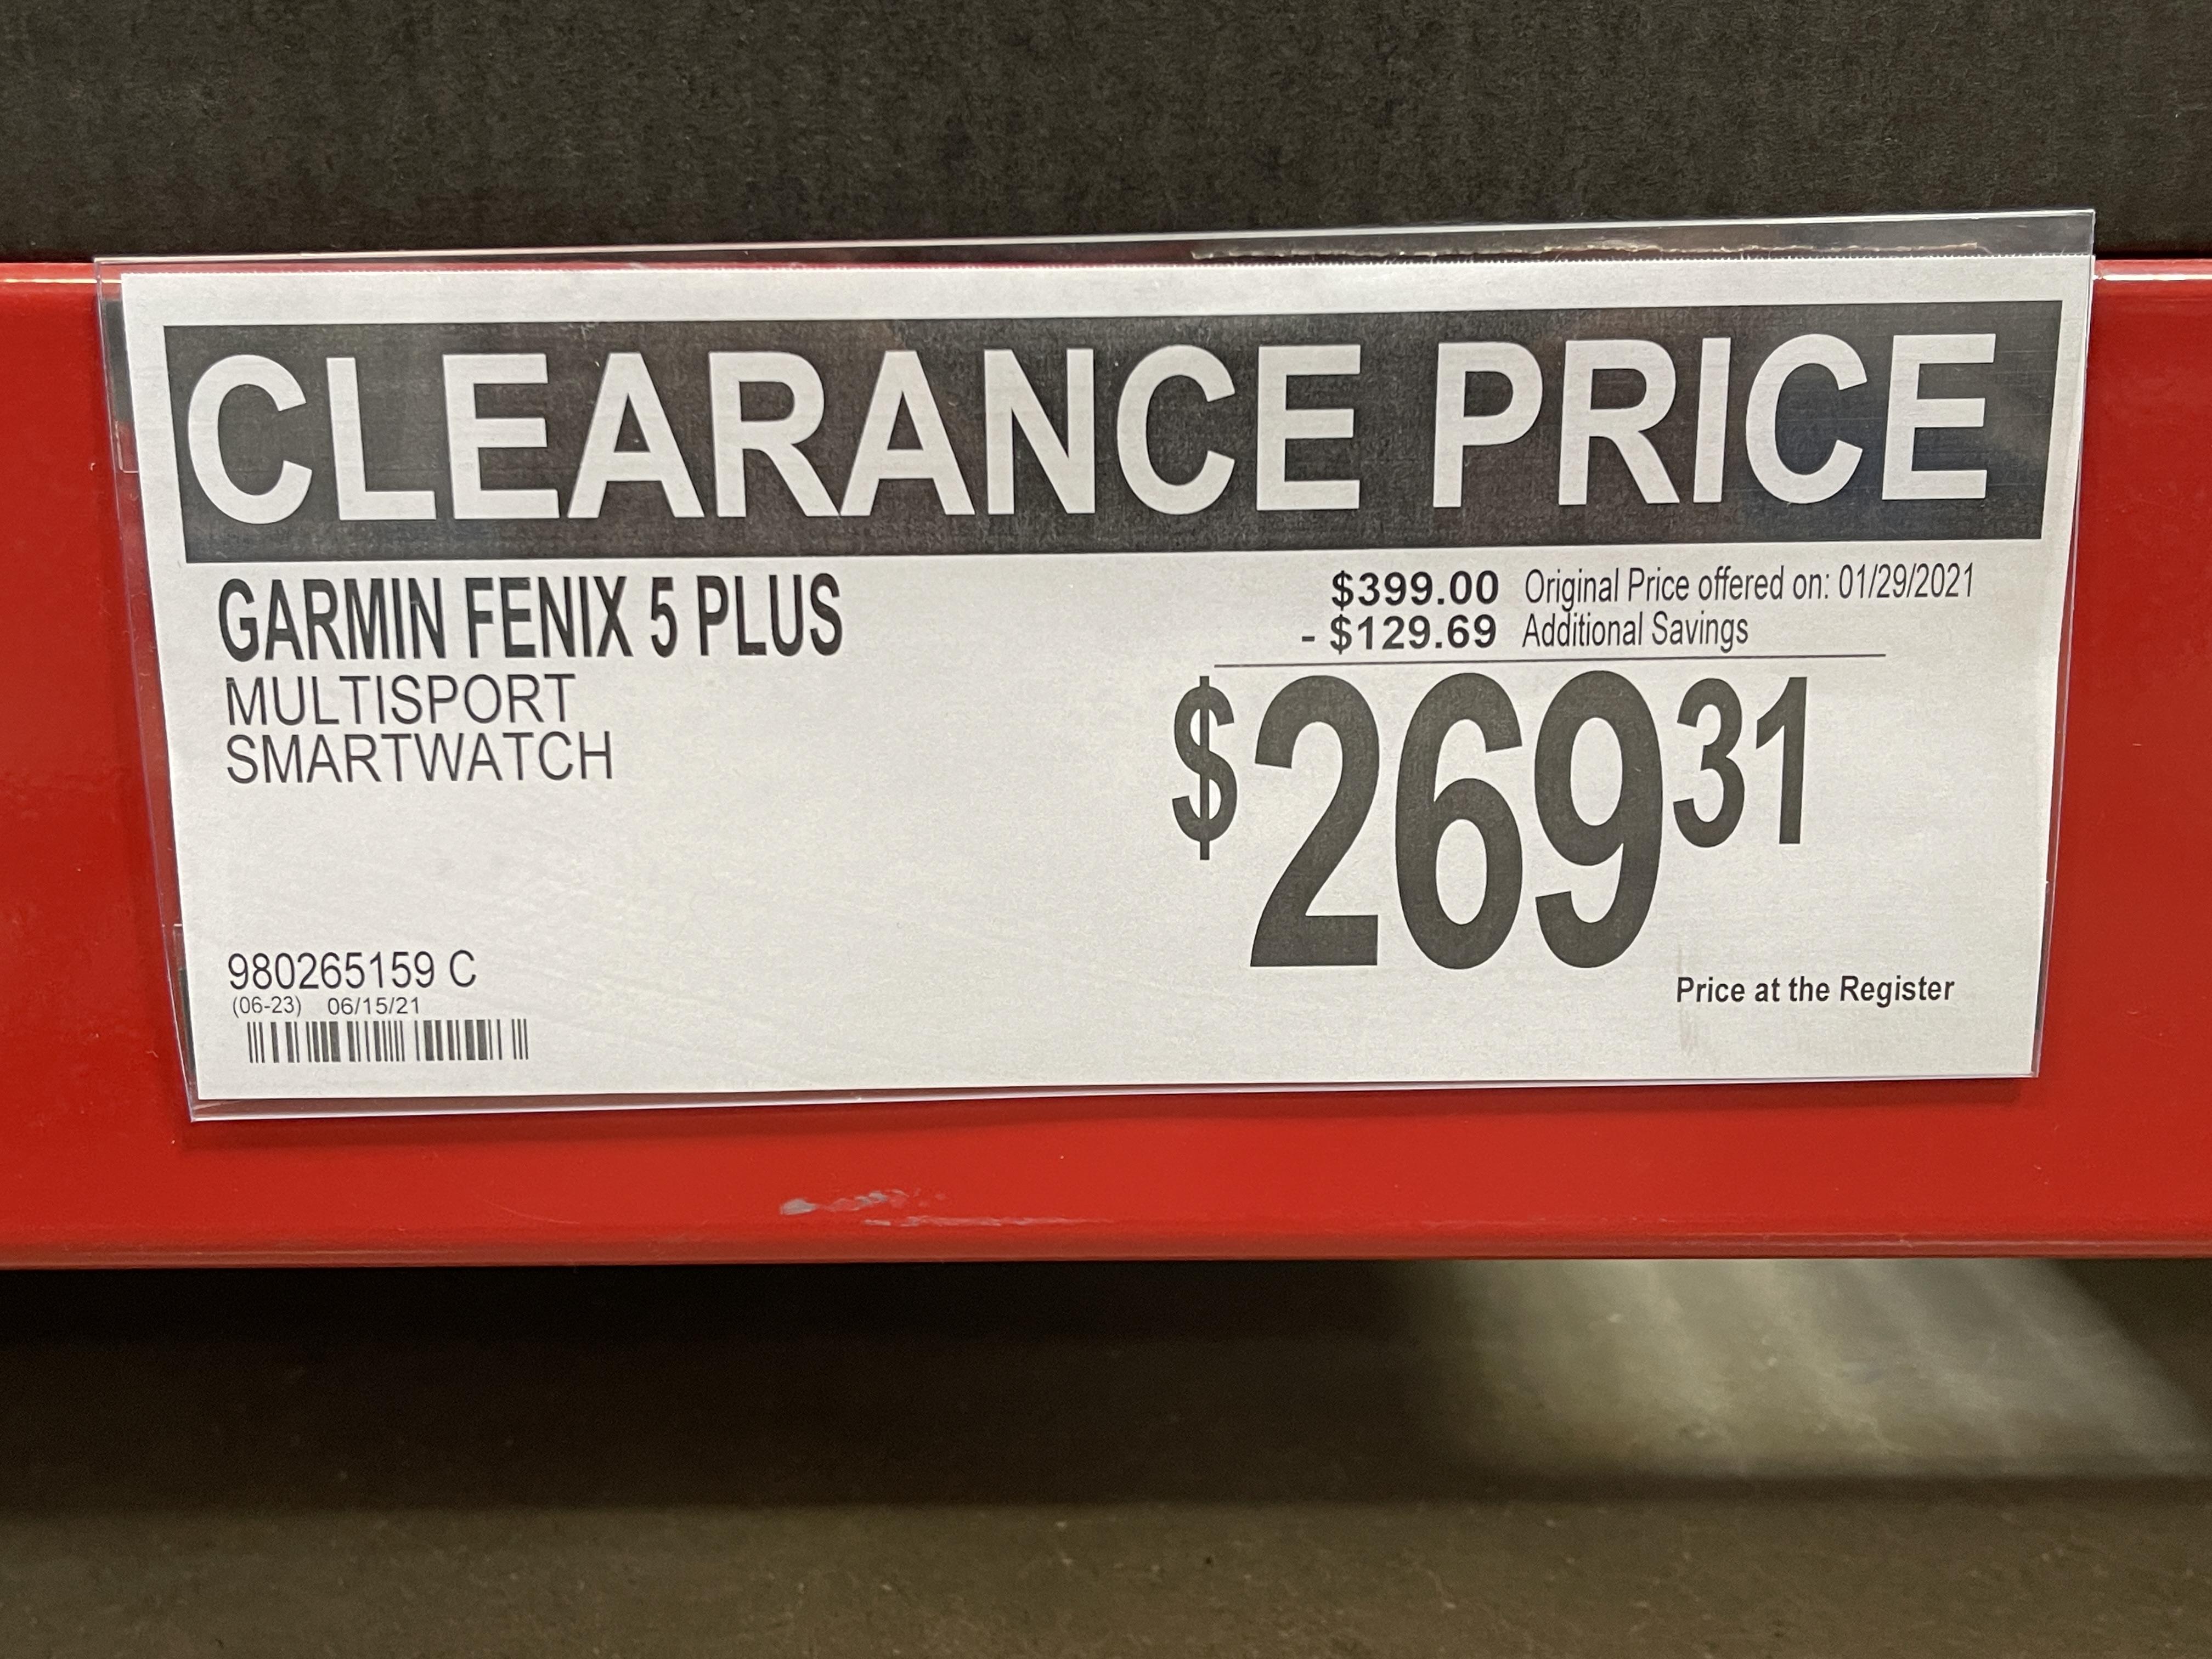 Garmin Fenix 5 Plus Multisport GPS Watch...Sams Club...$269.31....Extreme YMMV